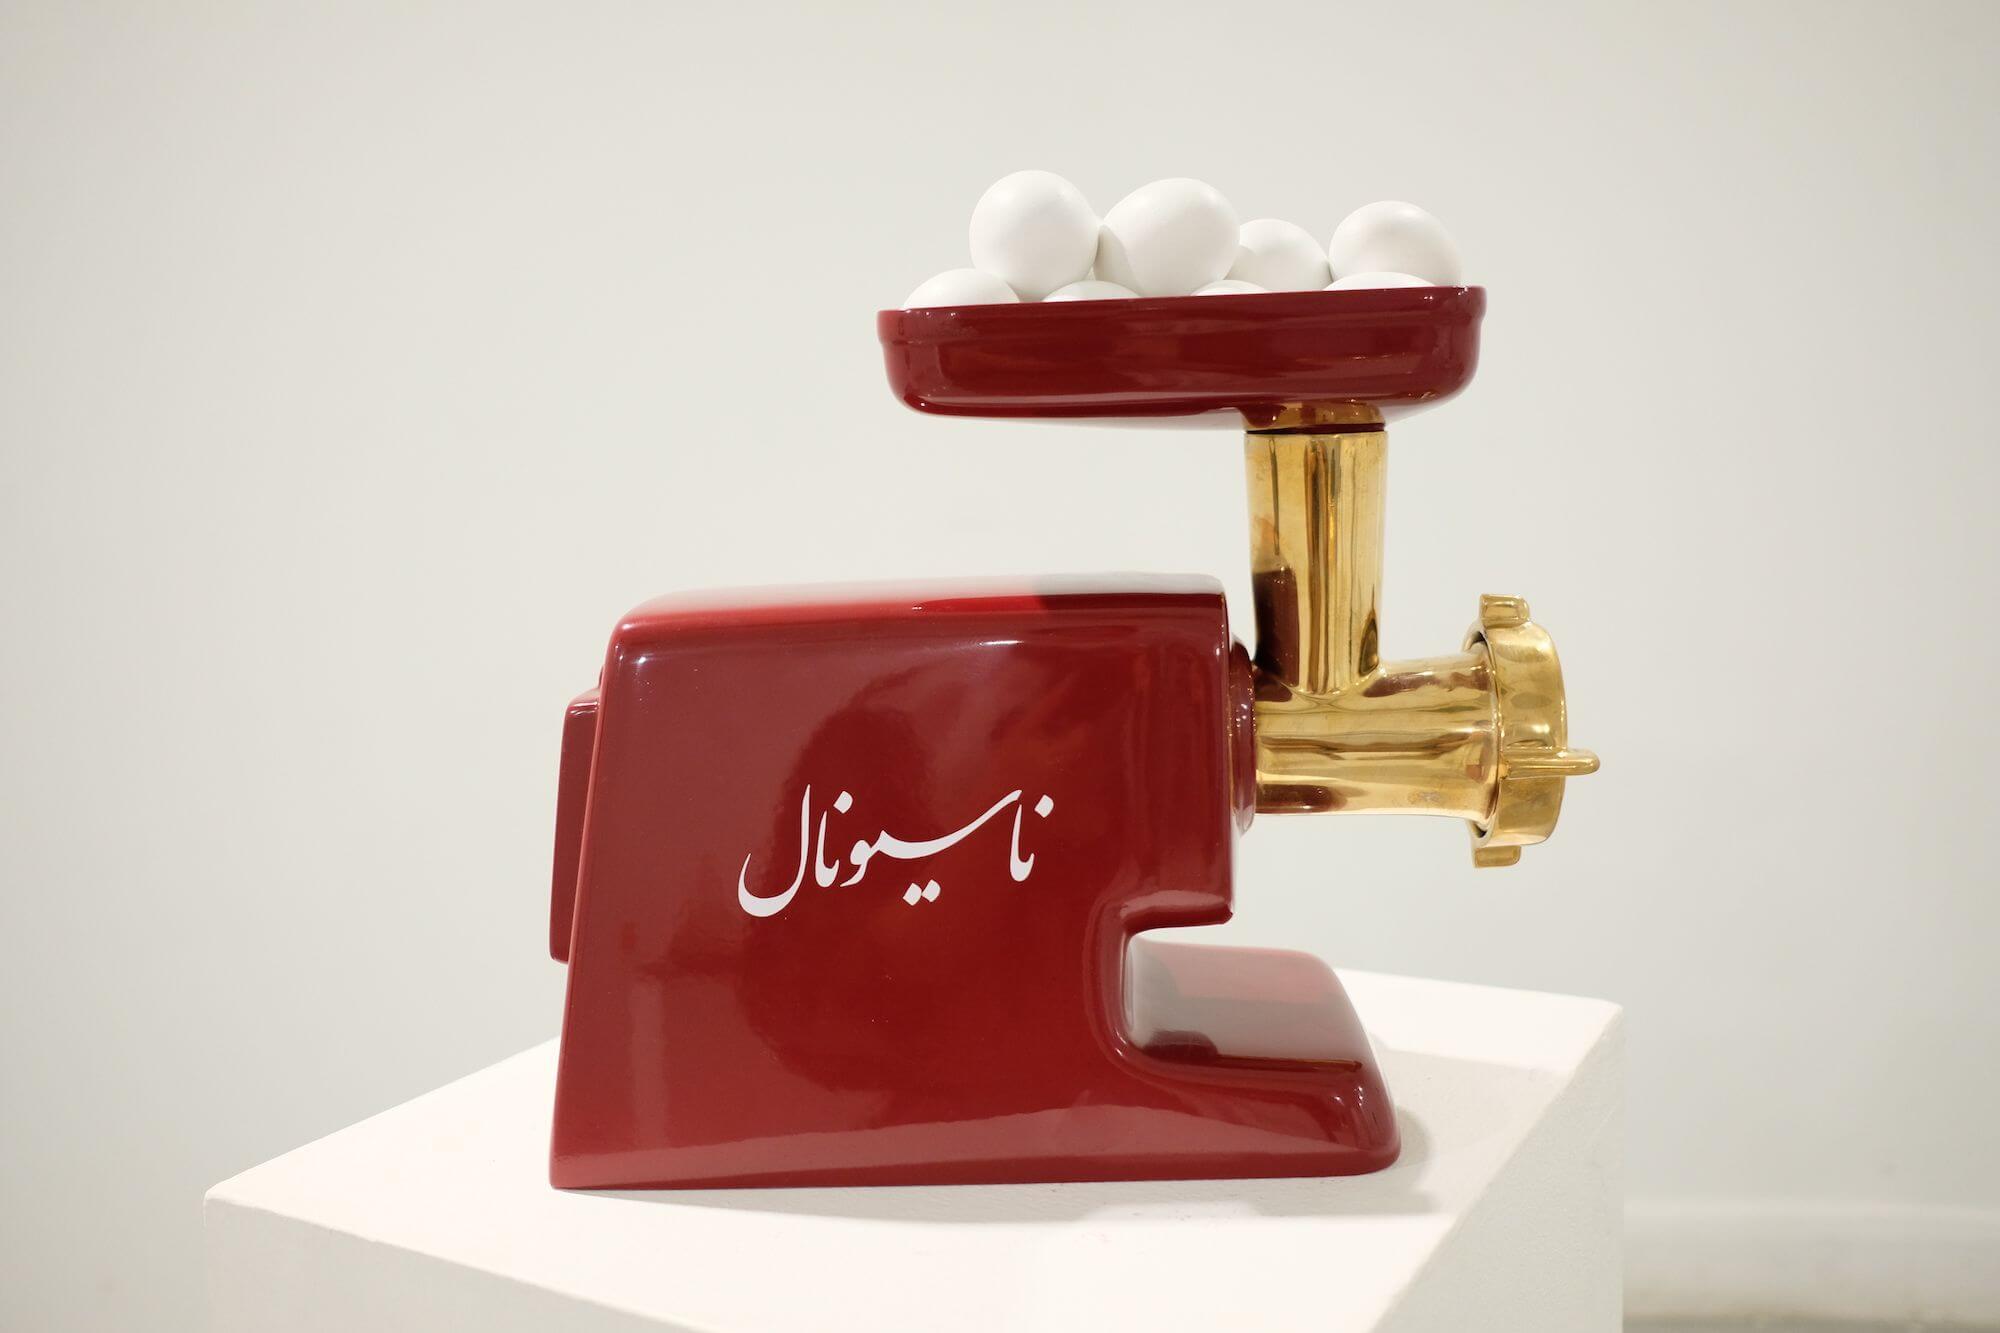 Teheran Casa degli Artisti 1 compressor 3 giorni a Teheran